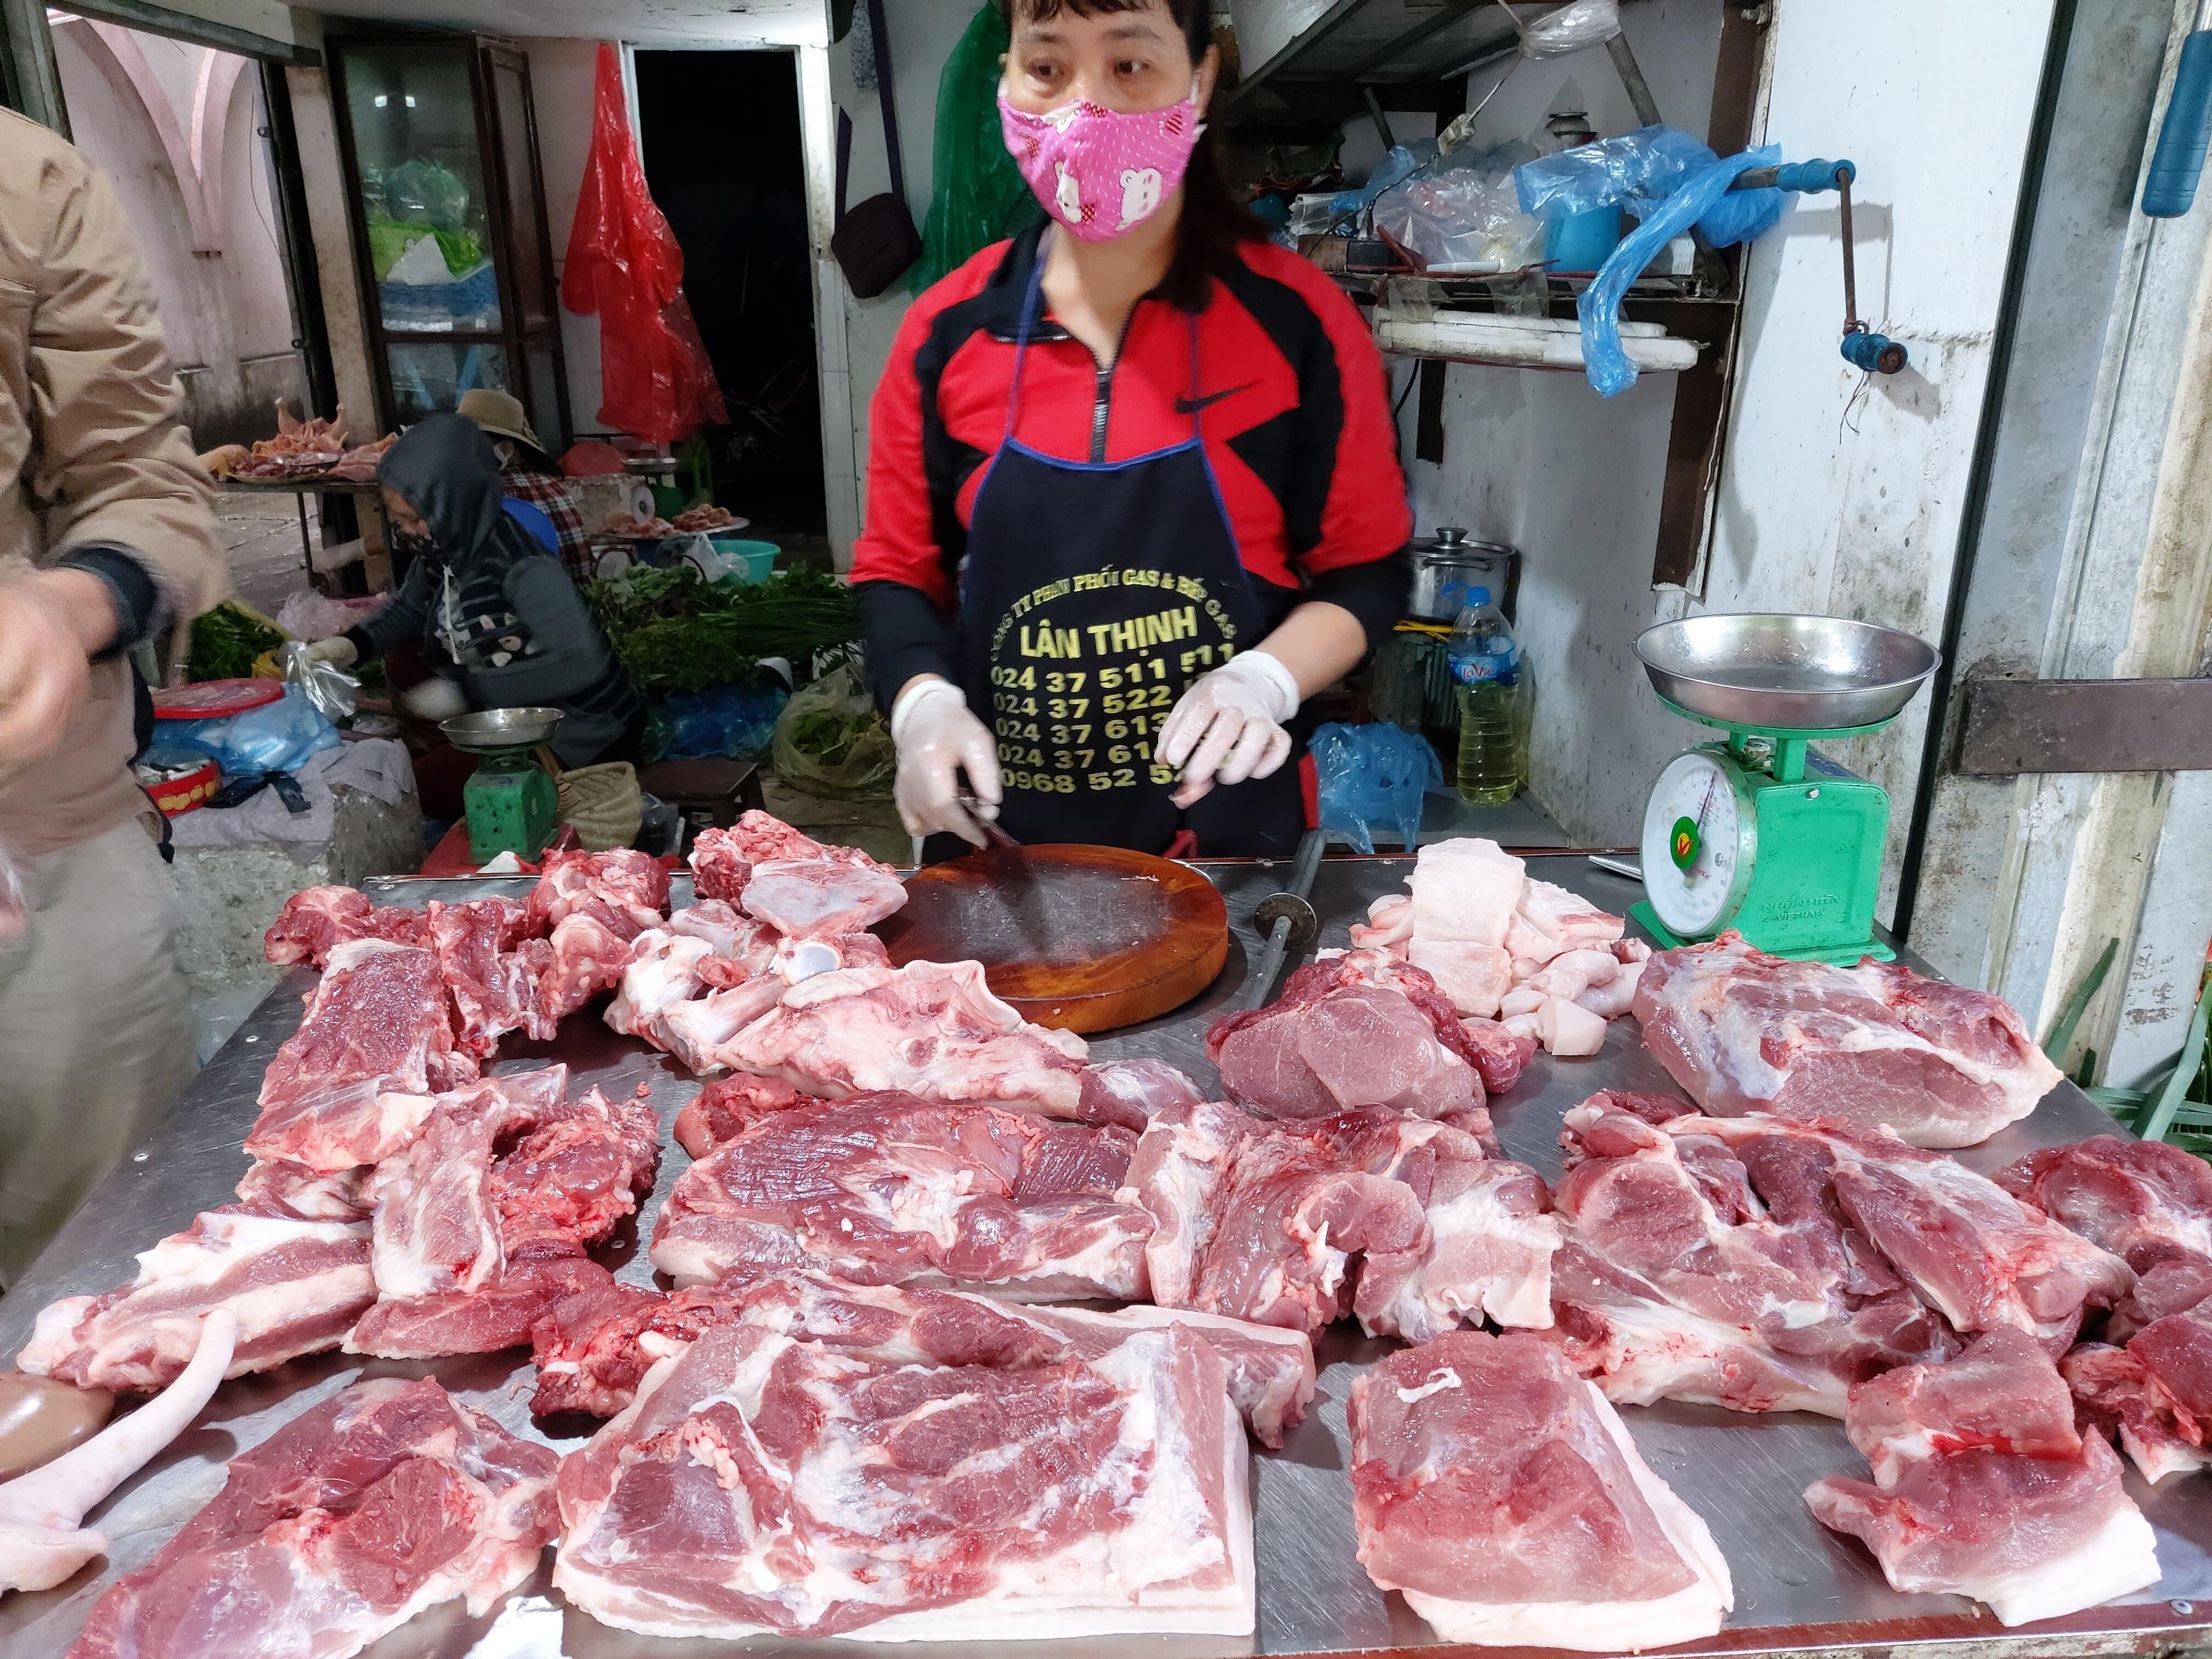 Giá thịt lợn đến tay người tiêu dùng vẫn đắt đỏ dù giá lợn hơi giảm mạnh.